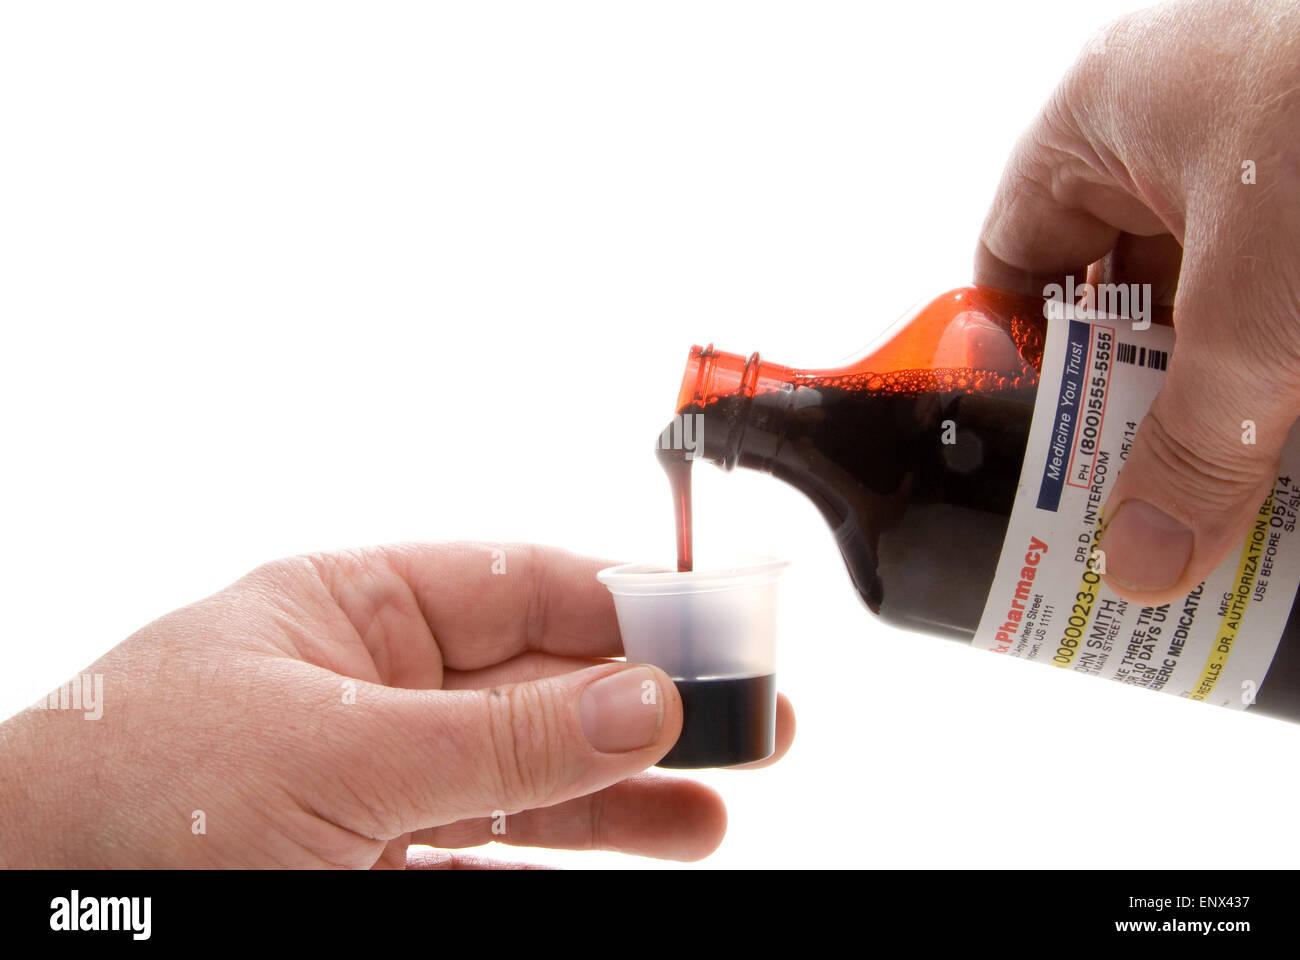 Pouring Prescription Medicine - Stock Image